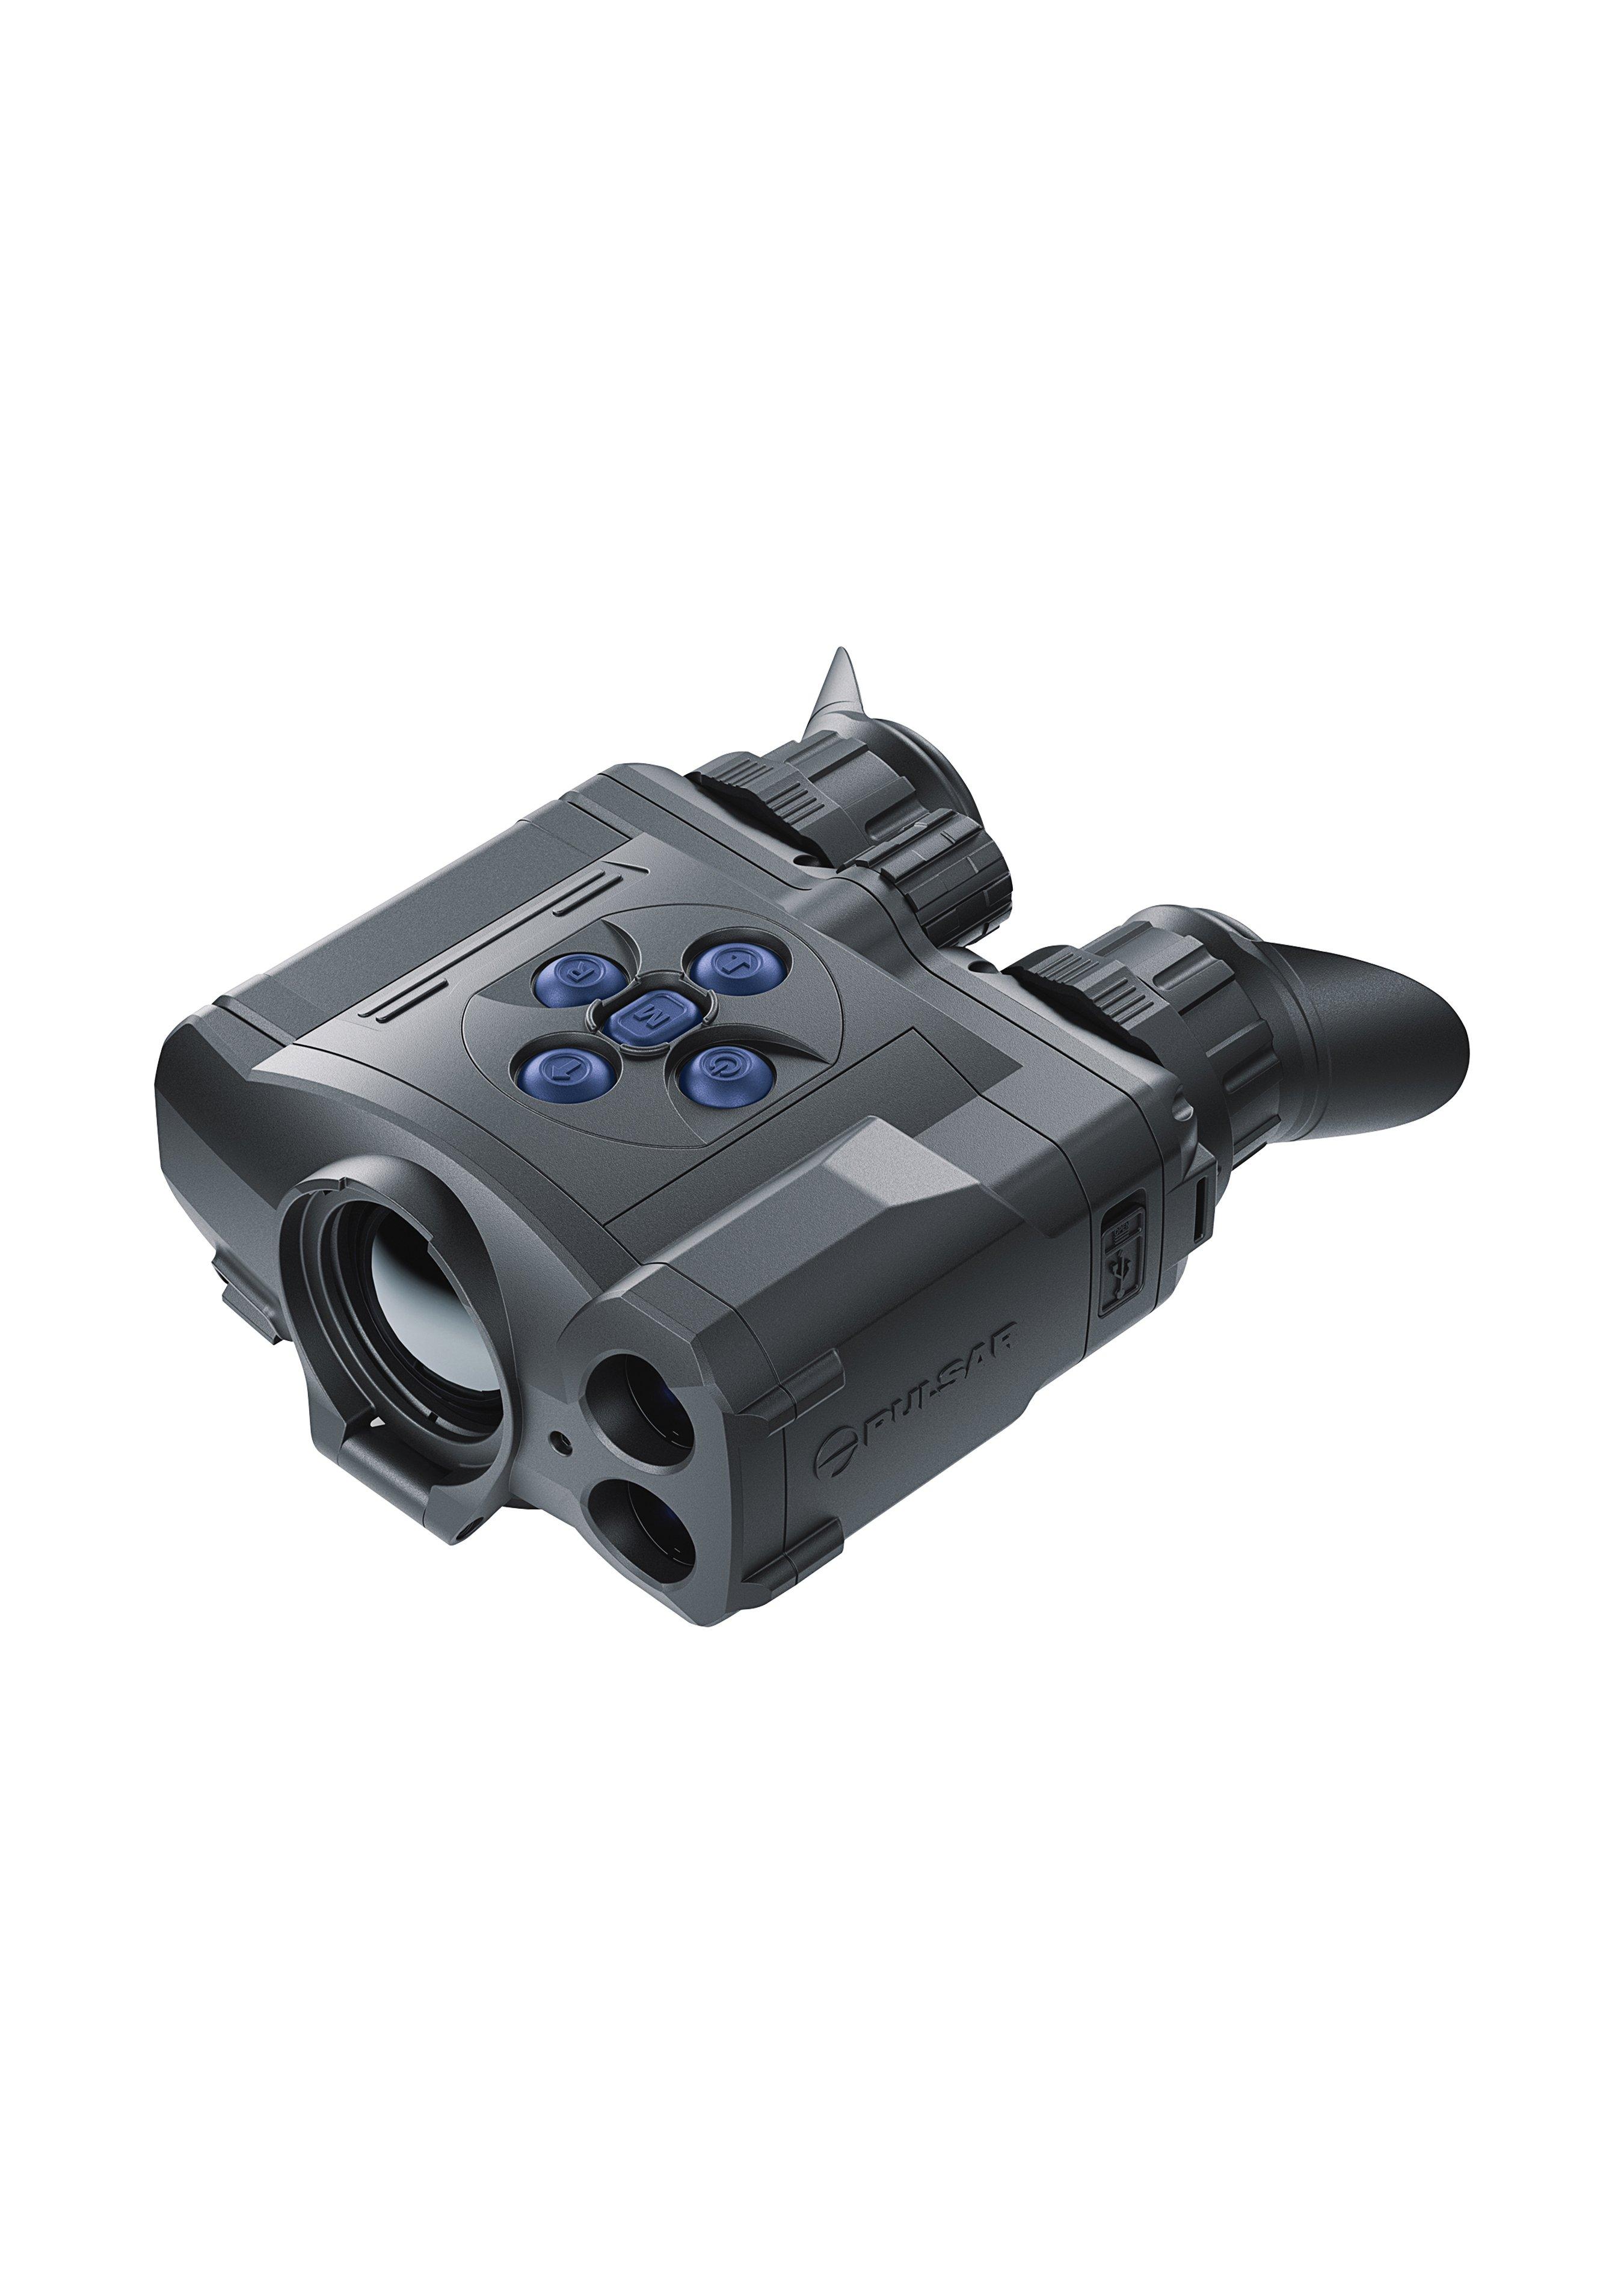 Caméra thermique Accolade-2 LRF XP50 244810 3